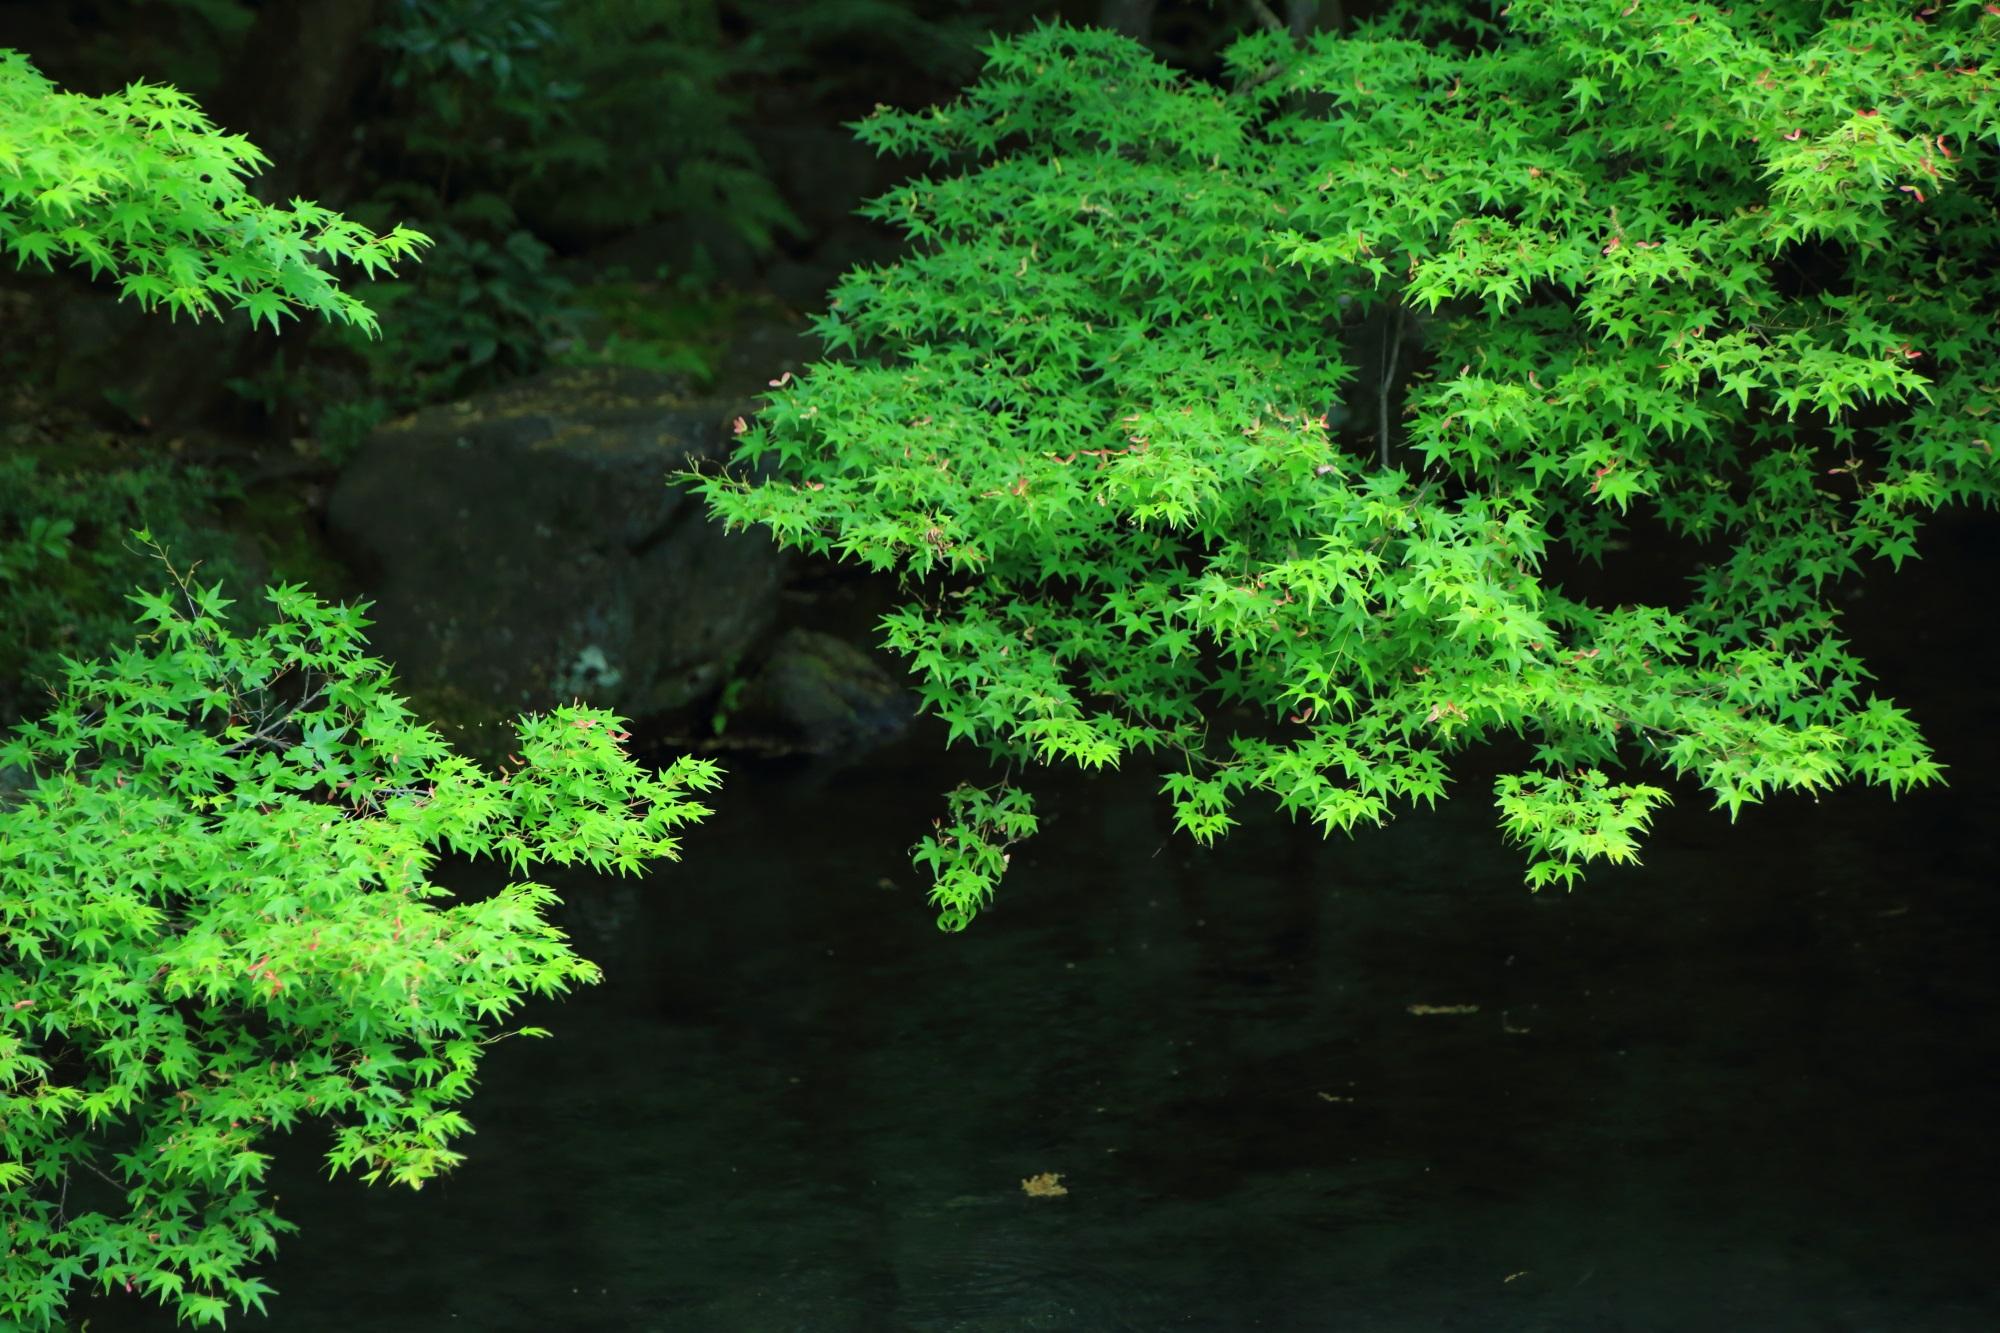 青もみじ 蓮華寺 庭園 綺麗